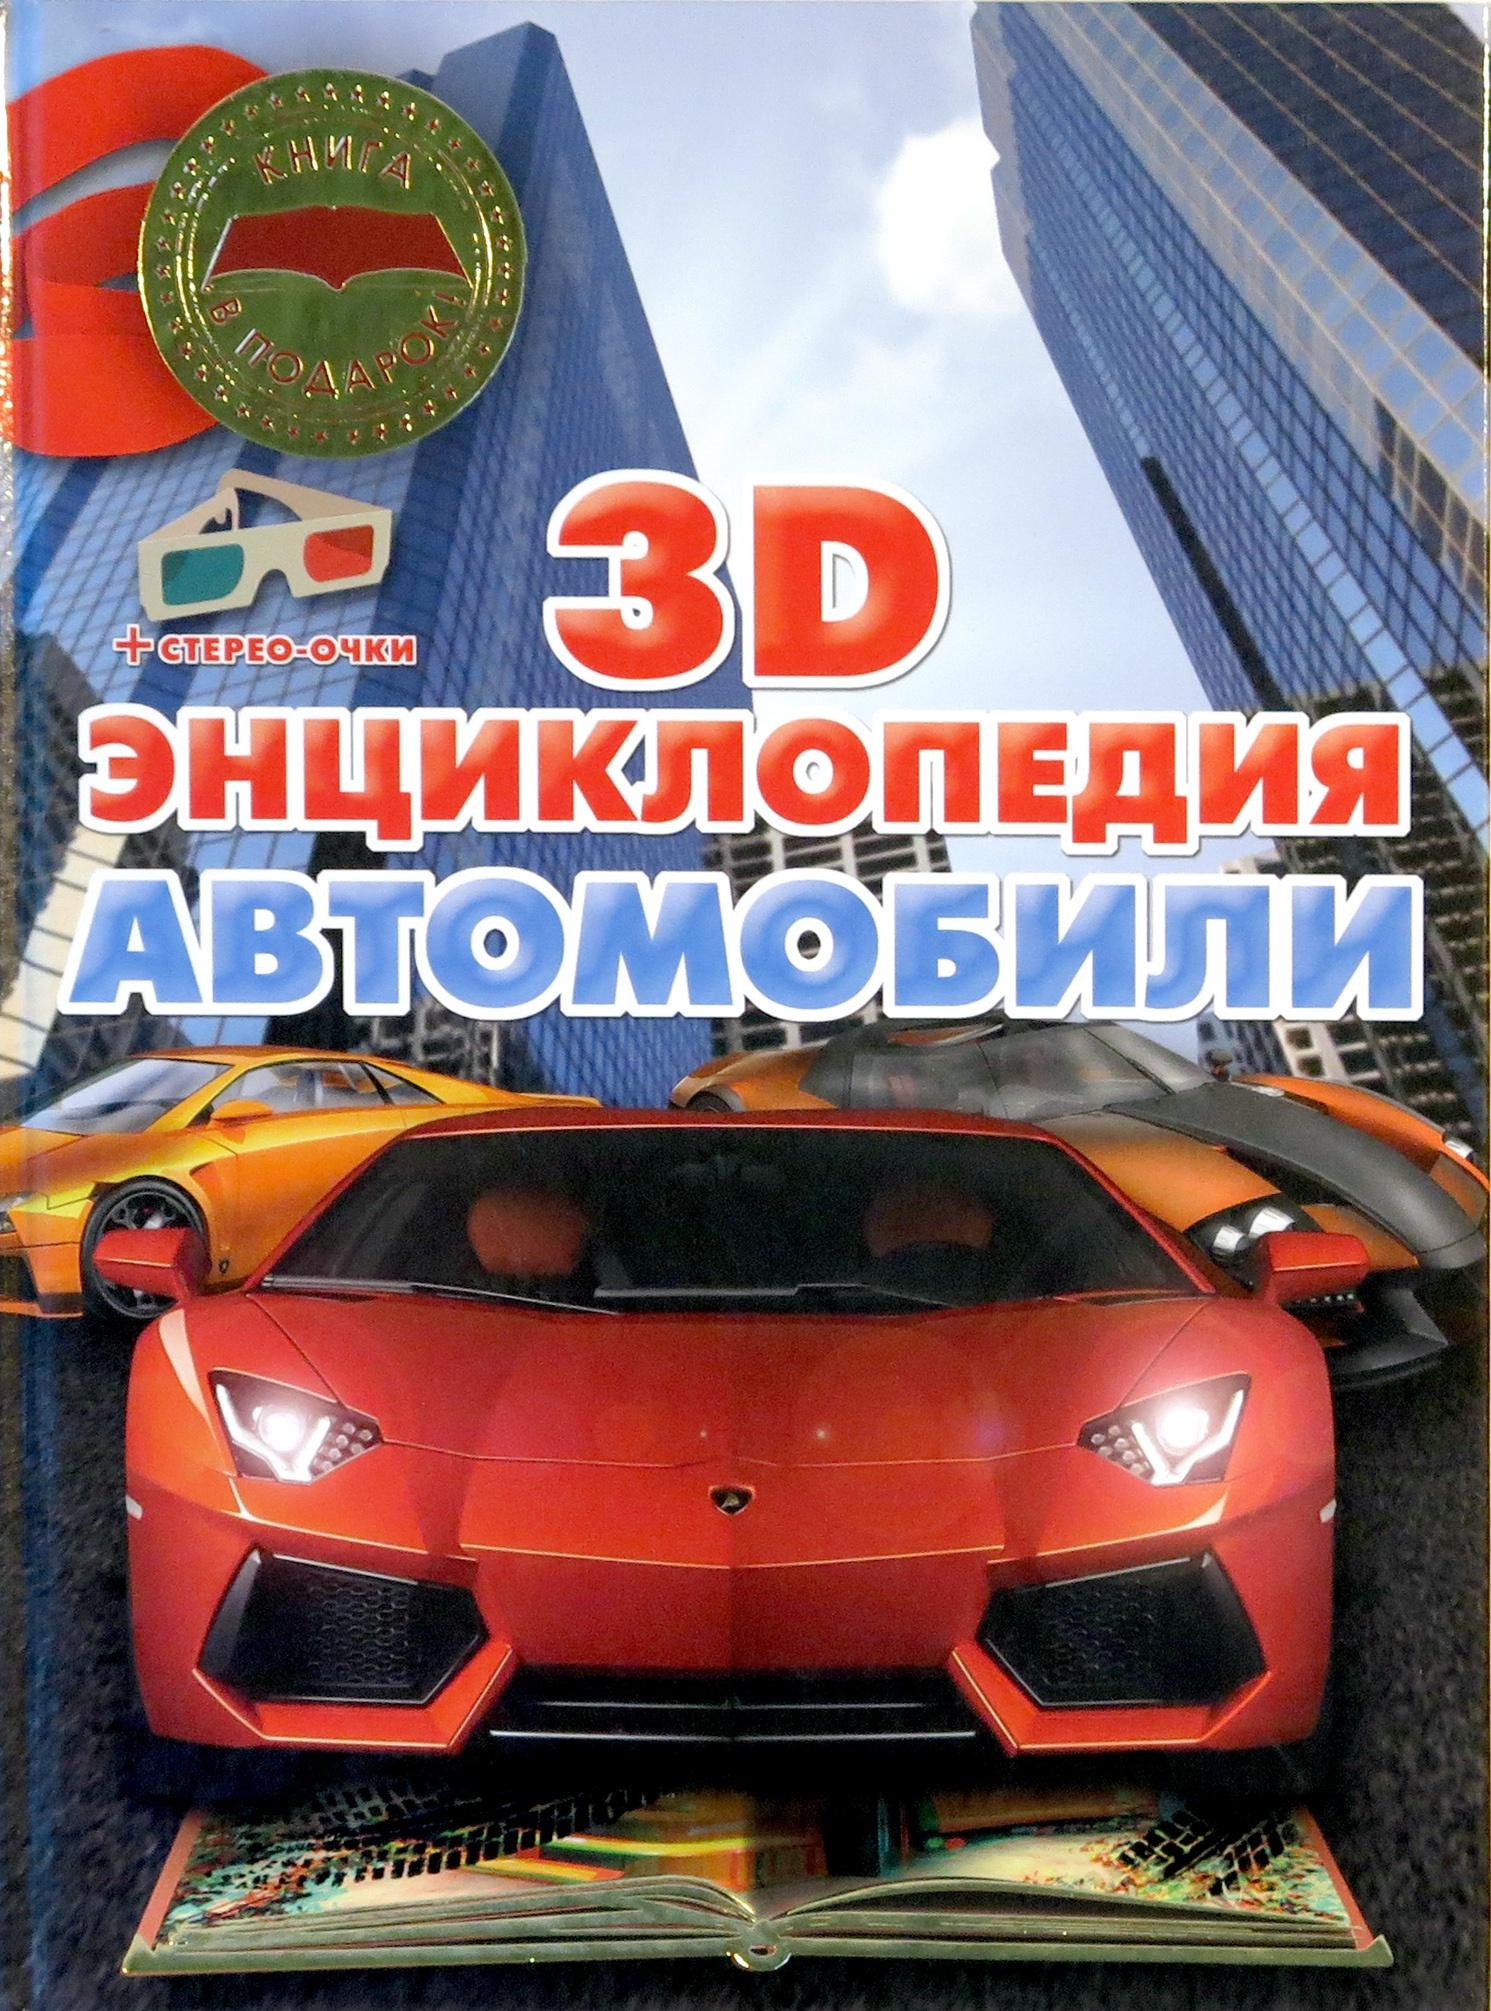 3D-энциклопедия. Автомобили